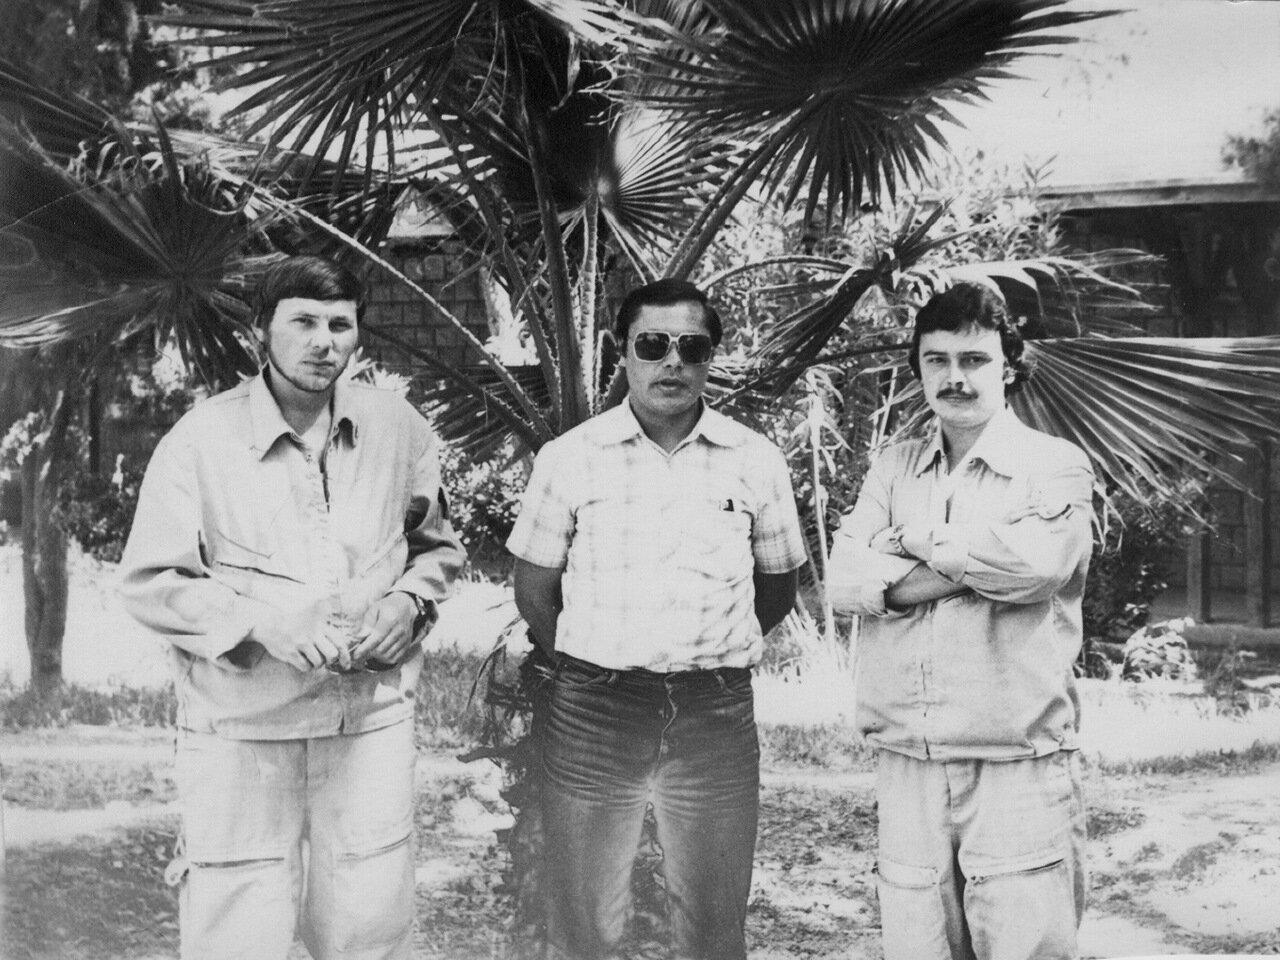 1980. Сирия. Букатин, летчик Су и Рыжов.